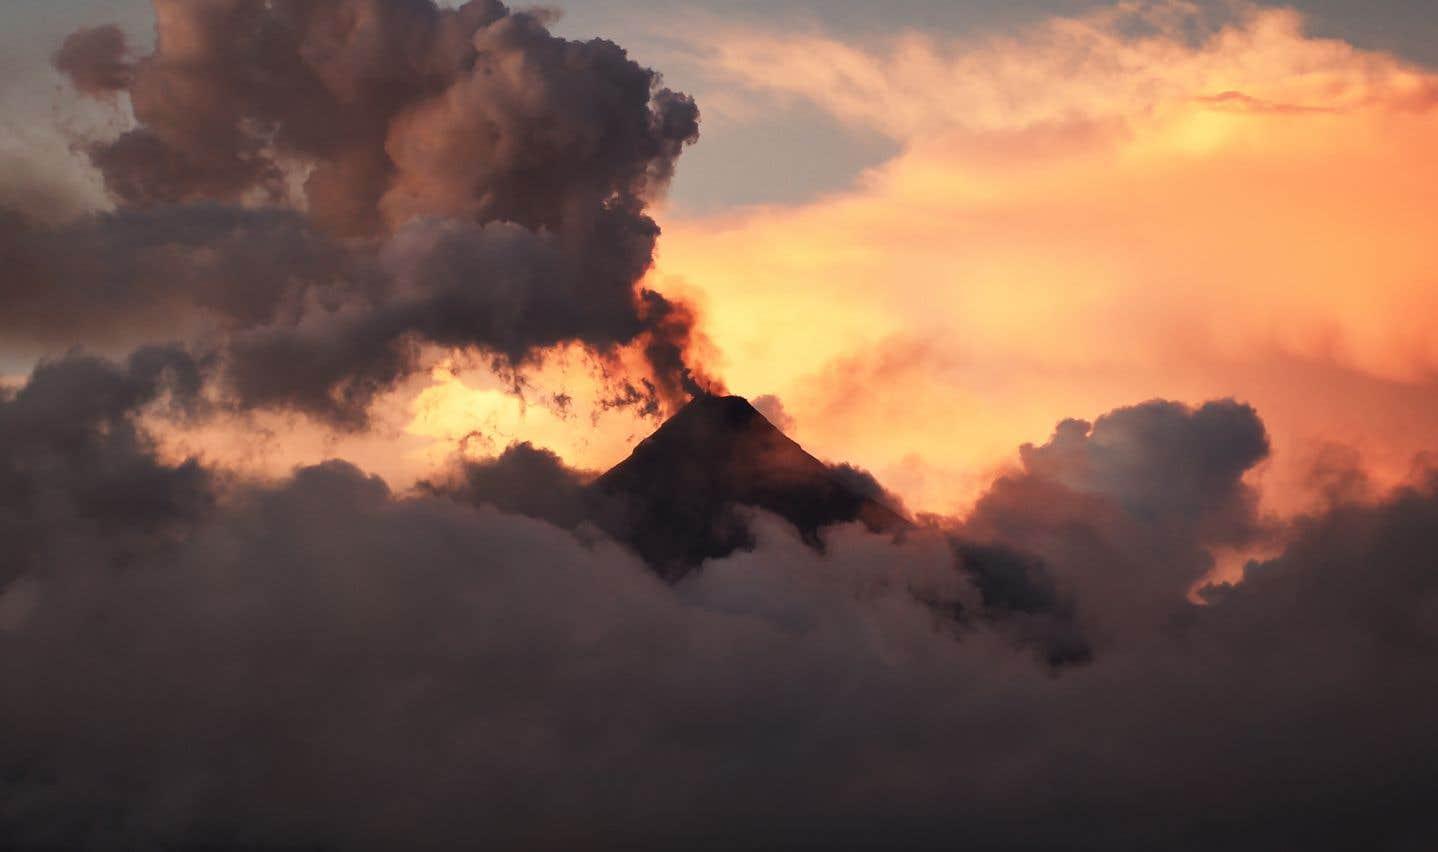 Le Mayon projette jusqu'à 5 km dans les airs des panaches de cendres qui transforment le jour en nuit.